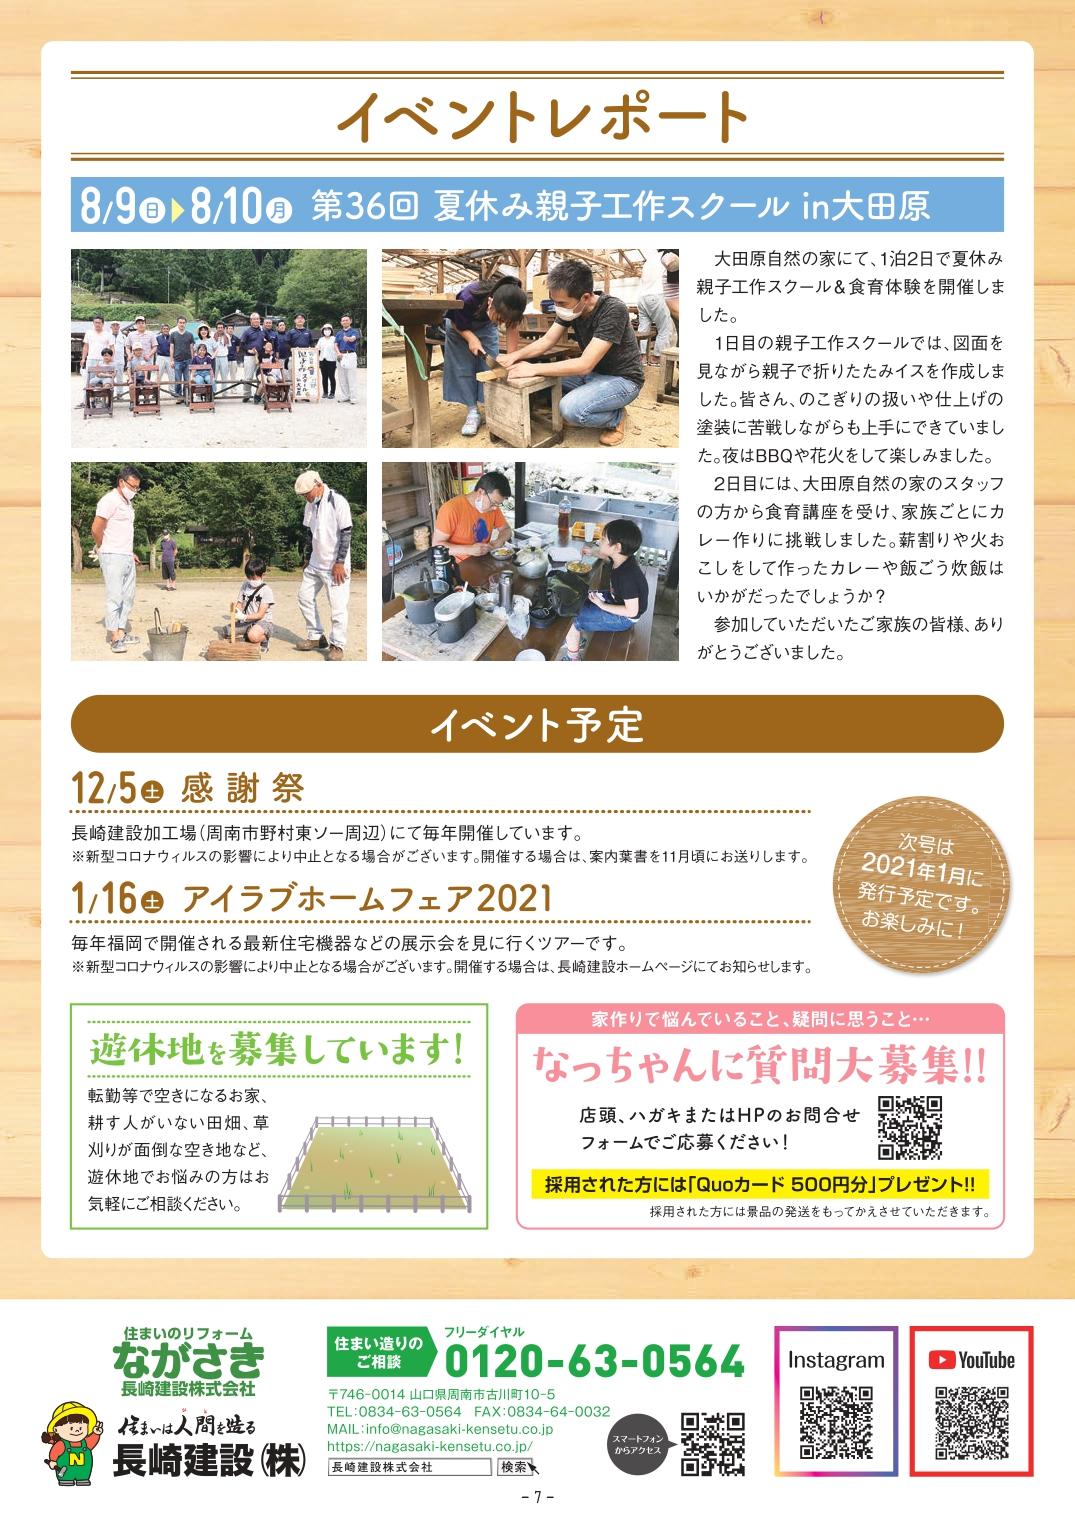 なっちゃん通信2020.9月号イベントレポート